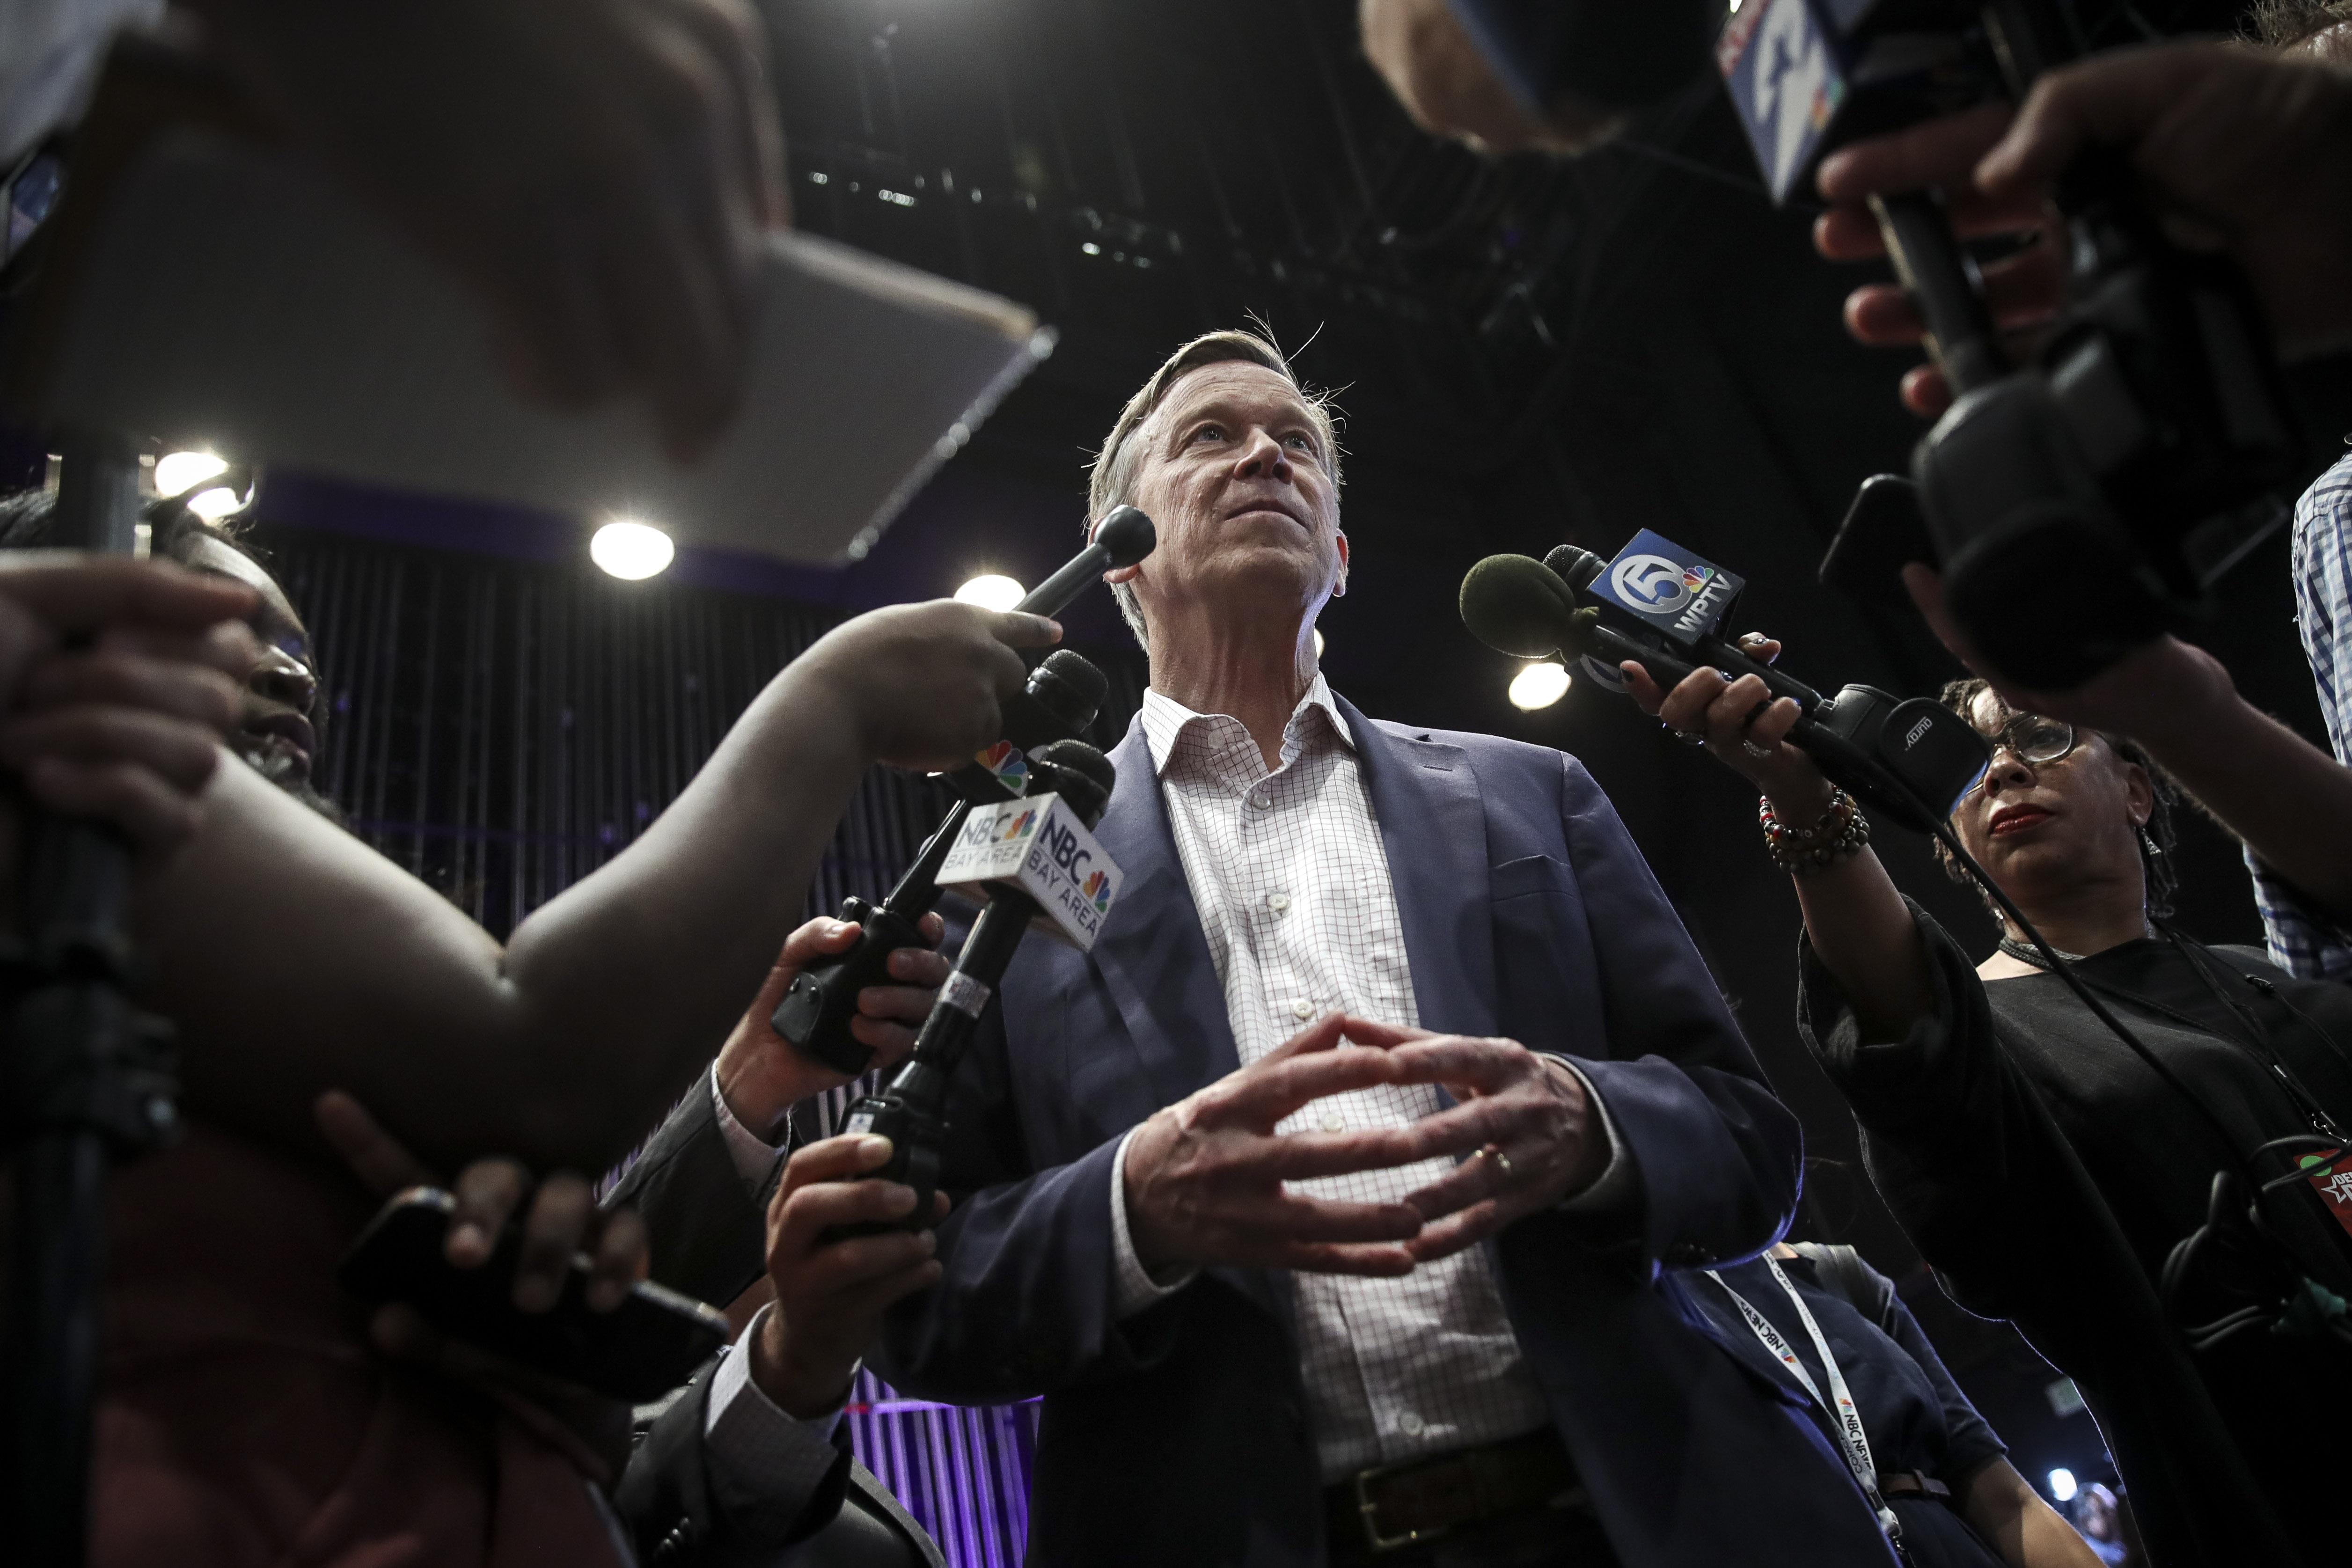 Live updates: Democratic candidates debate in Miami - CNNPolitics